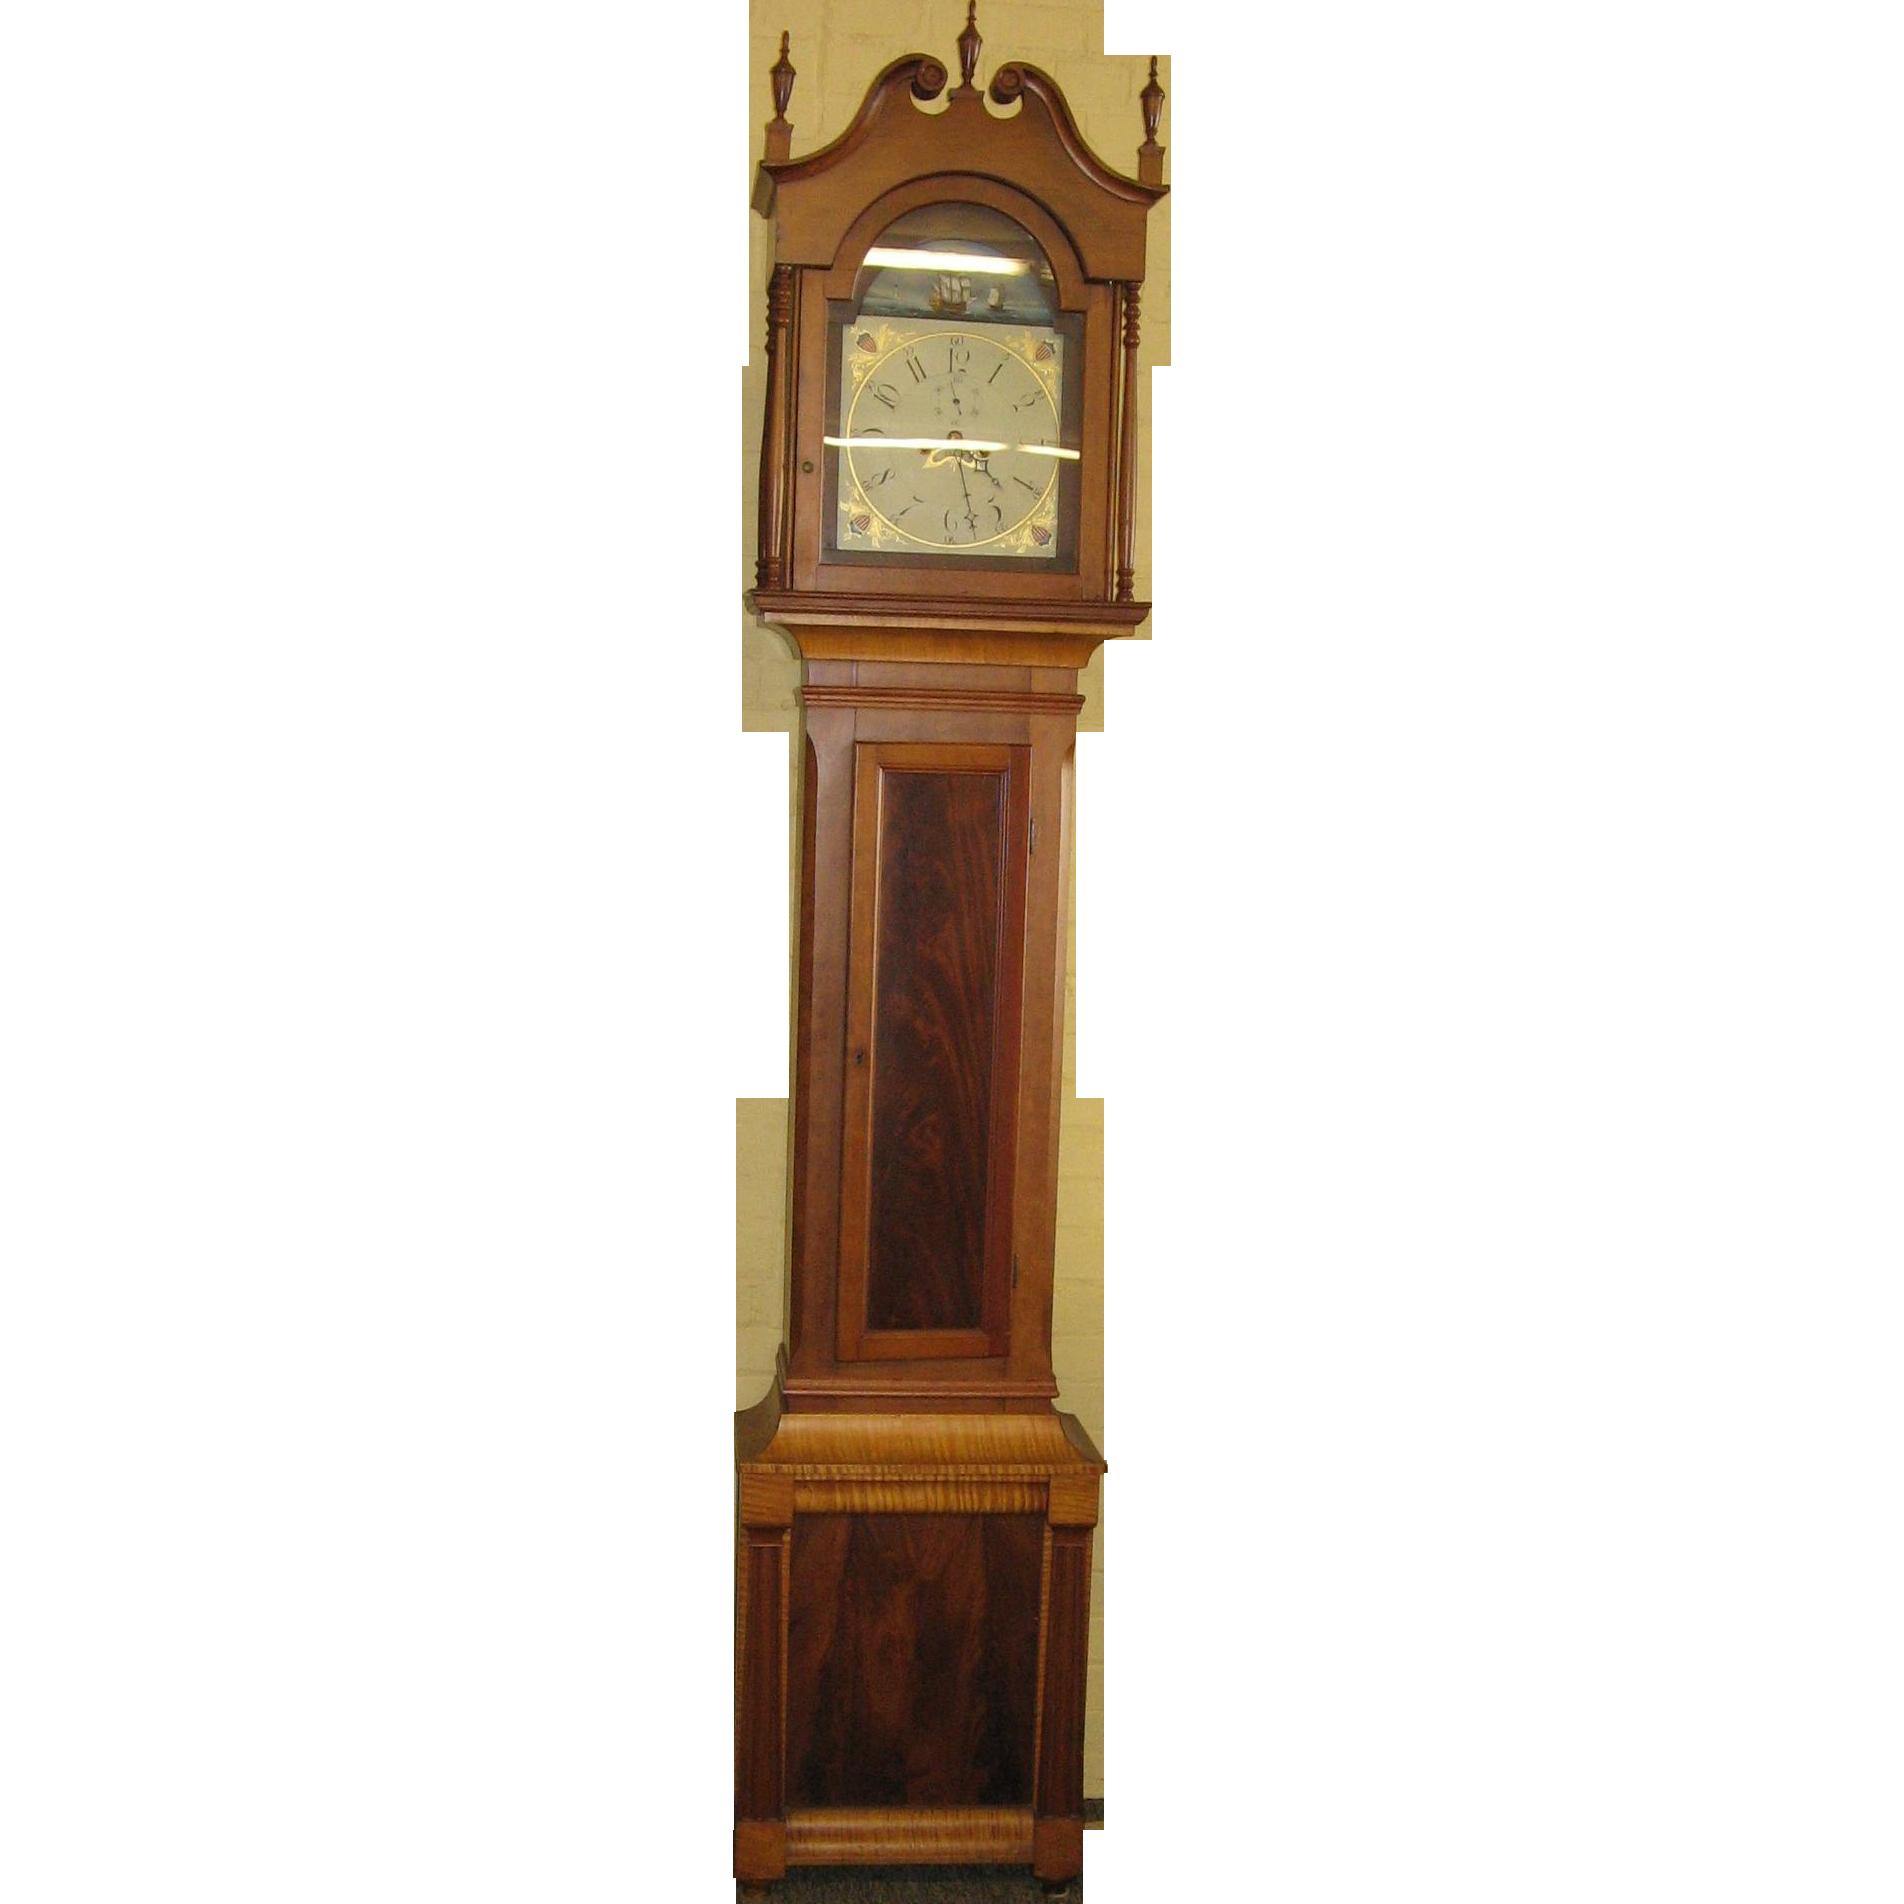 Pennsylvania Tall Case Grandfather Clock